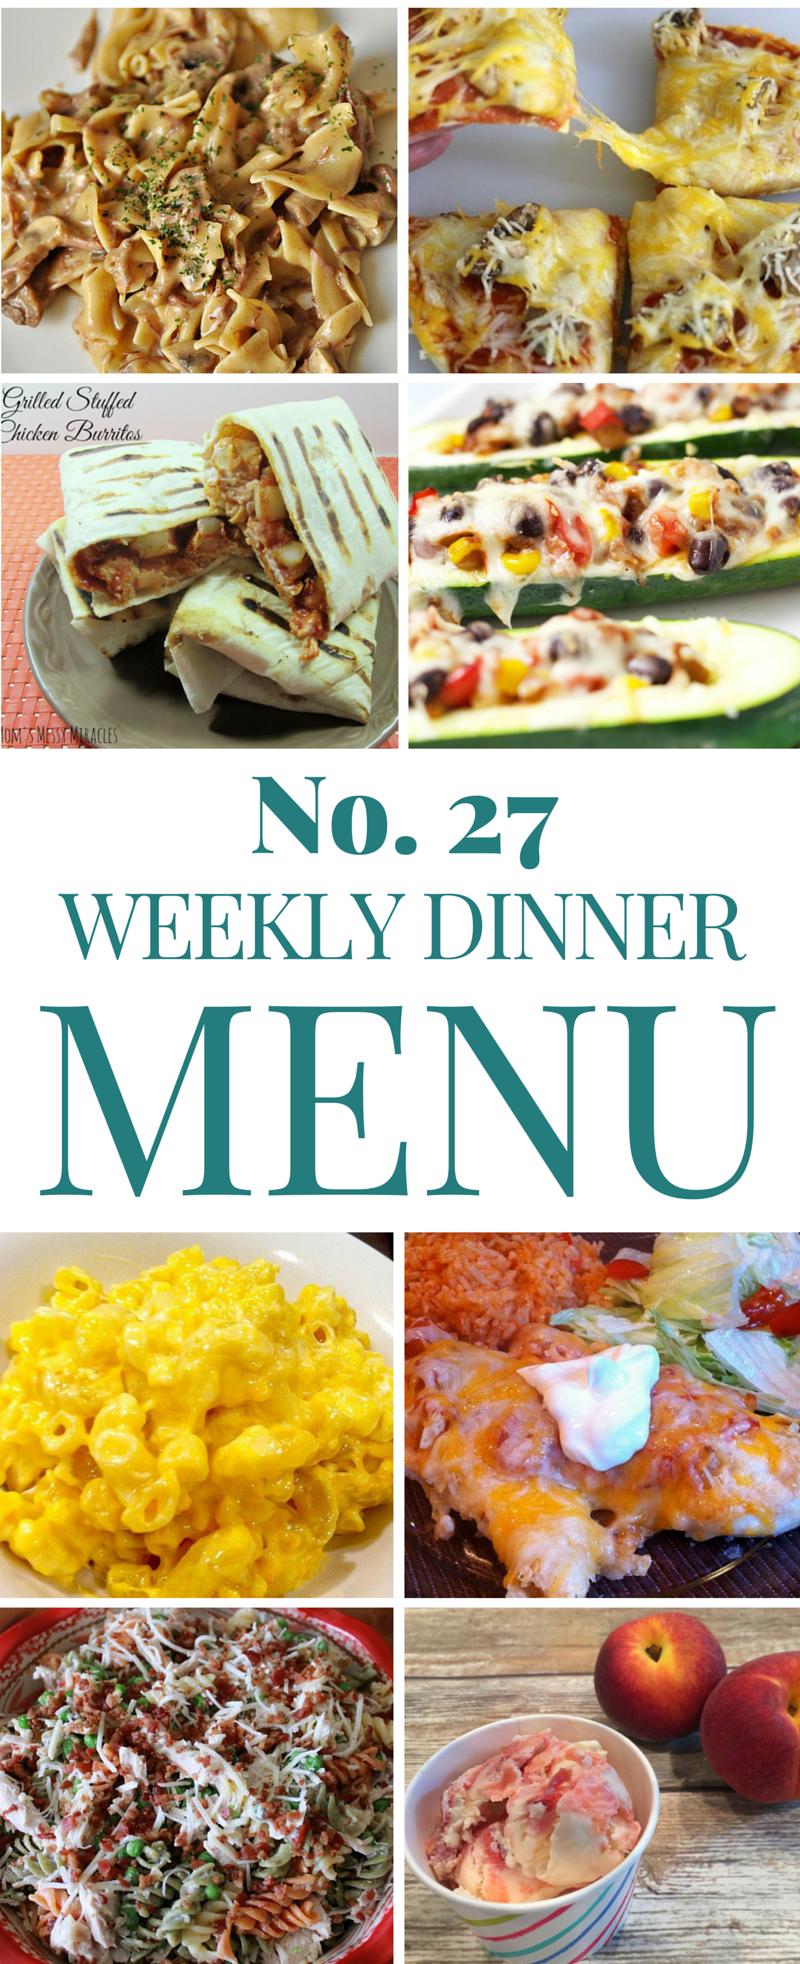 Weekly Dinner Menu 27